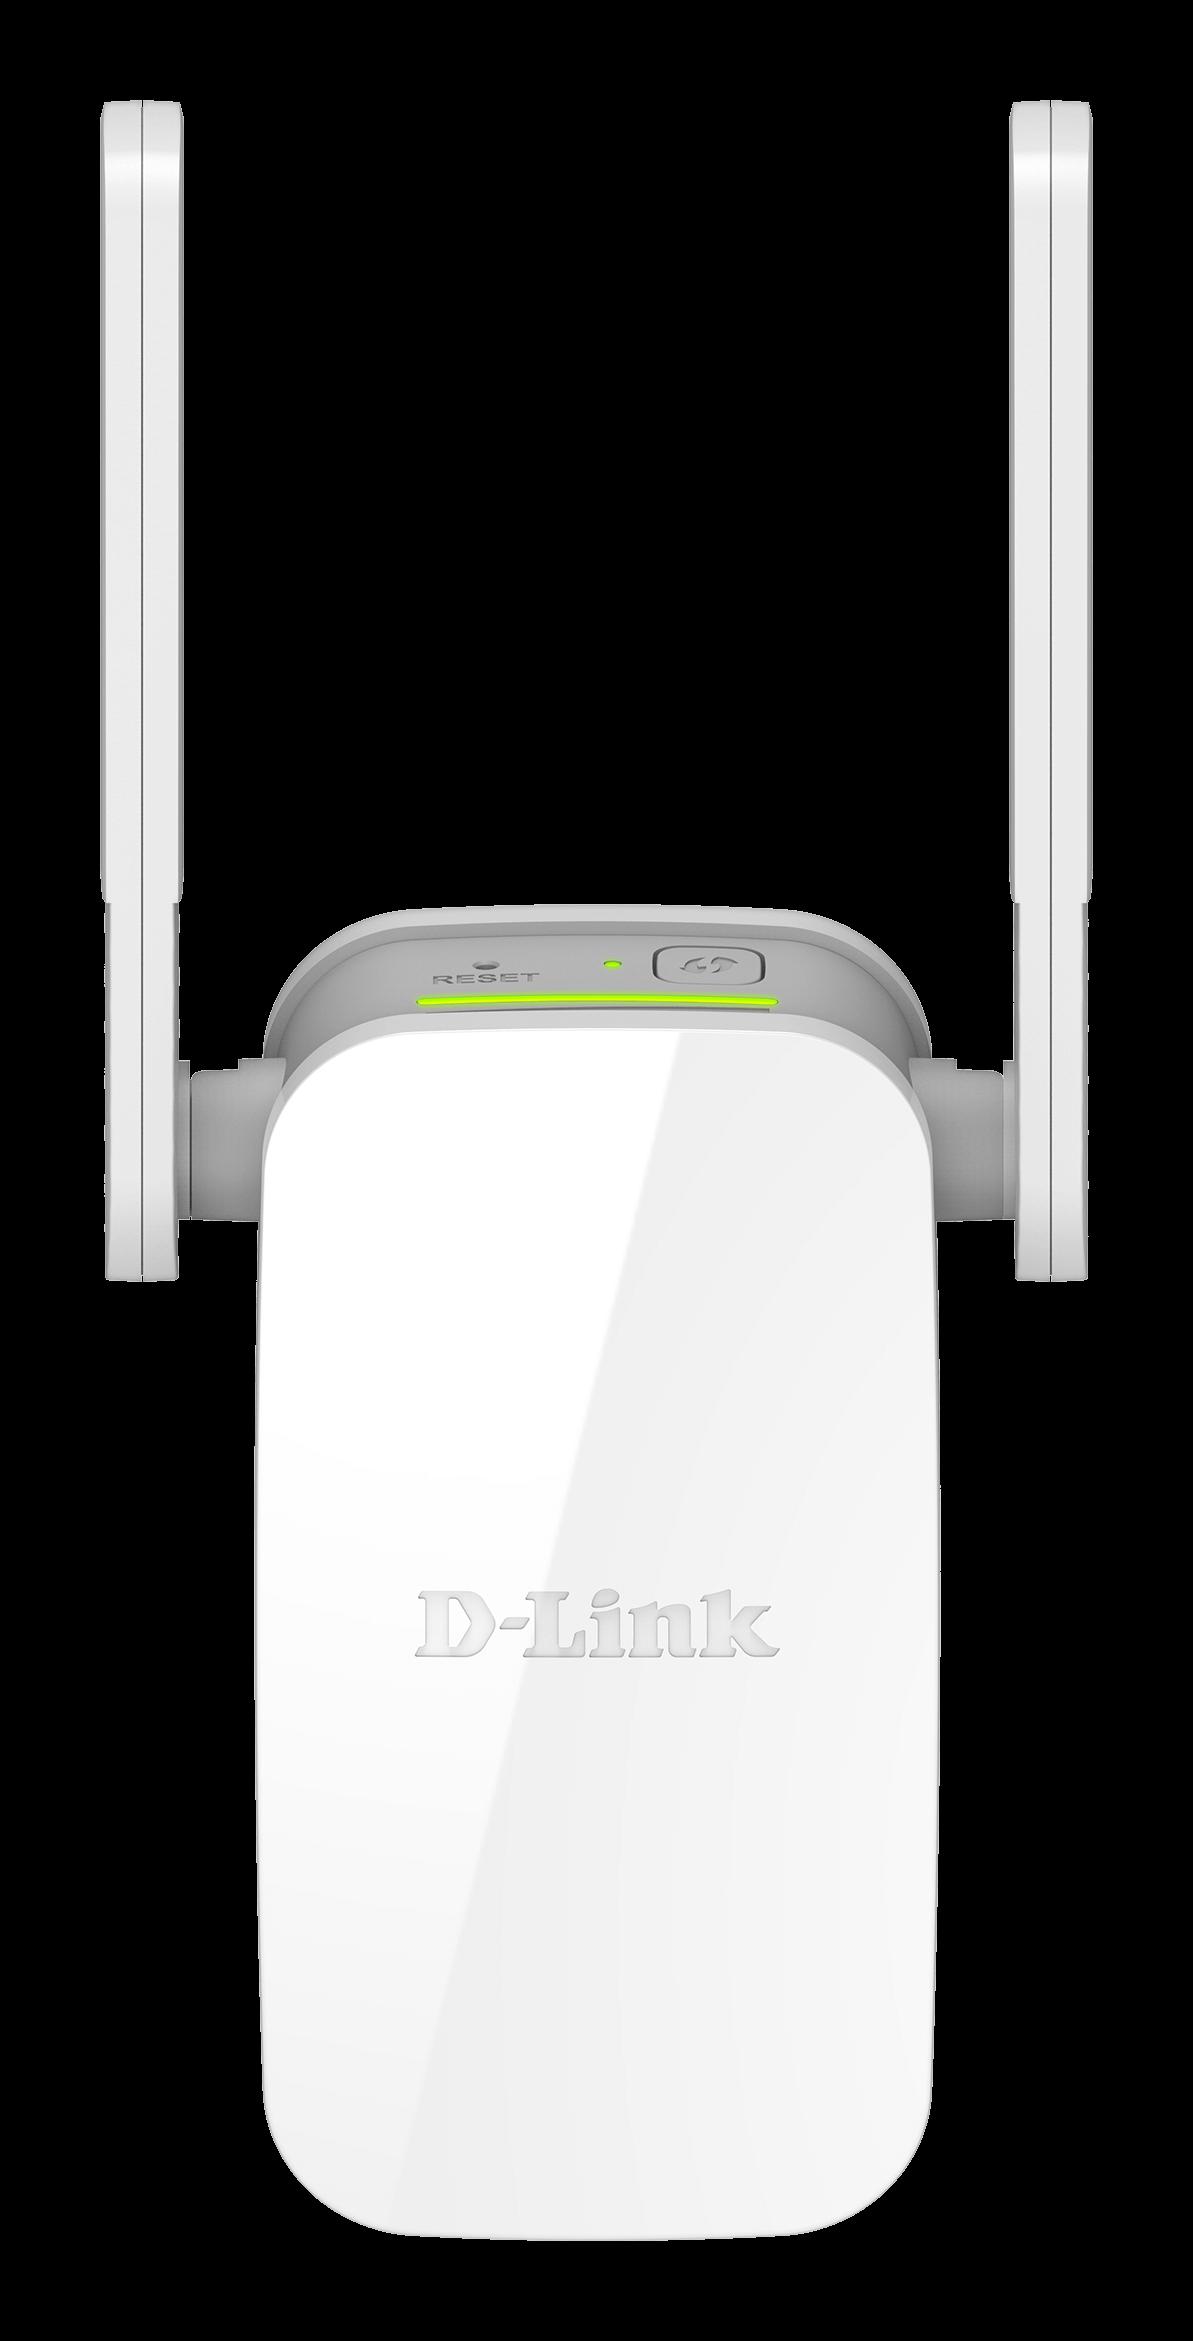 SG :: D-Link DAP-1610 Wireless Range Extender